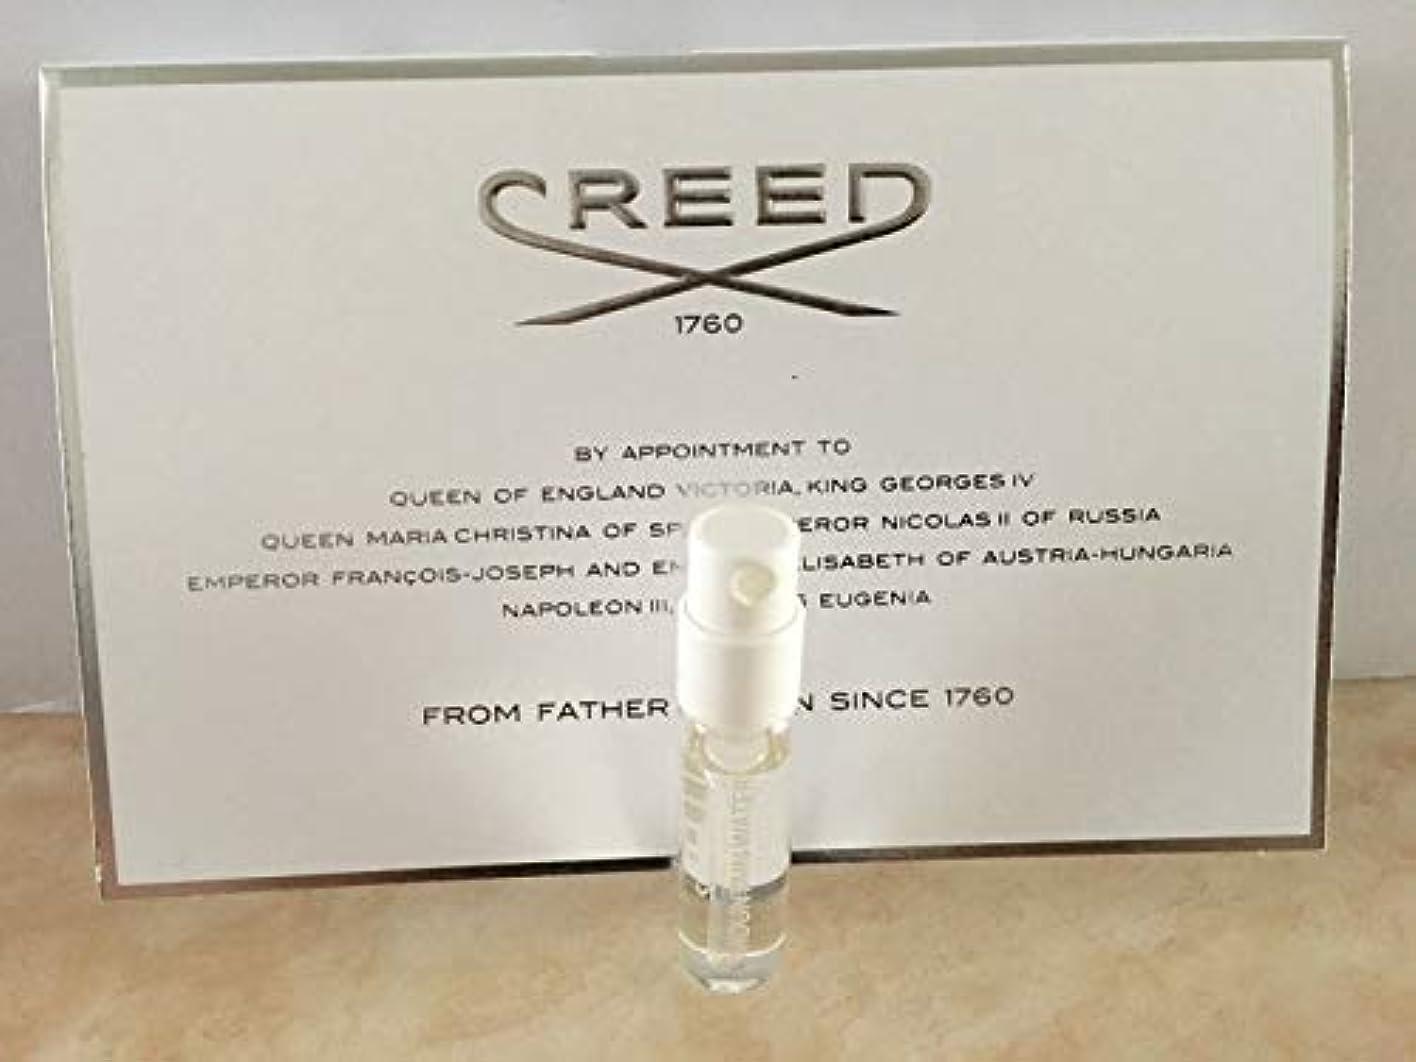 ソファー疾患減衰Creed Silver Mountain Water (クリード シルバー マウンテン オウーター) 0.08 oz (2.5ml) サンプル Vial for Men